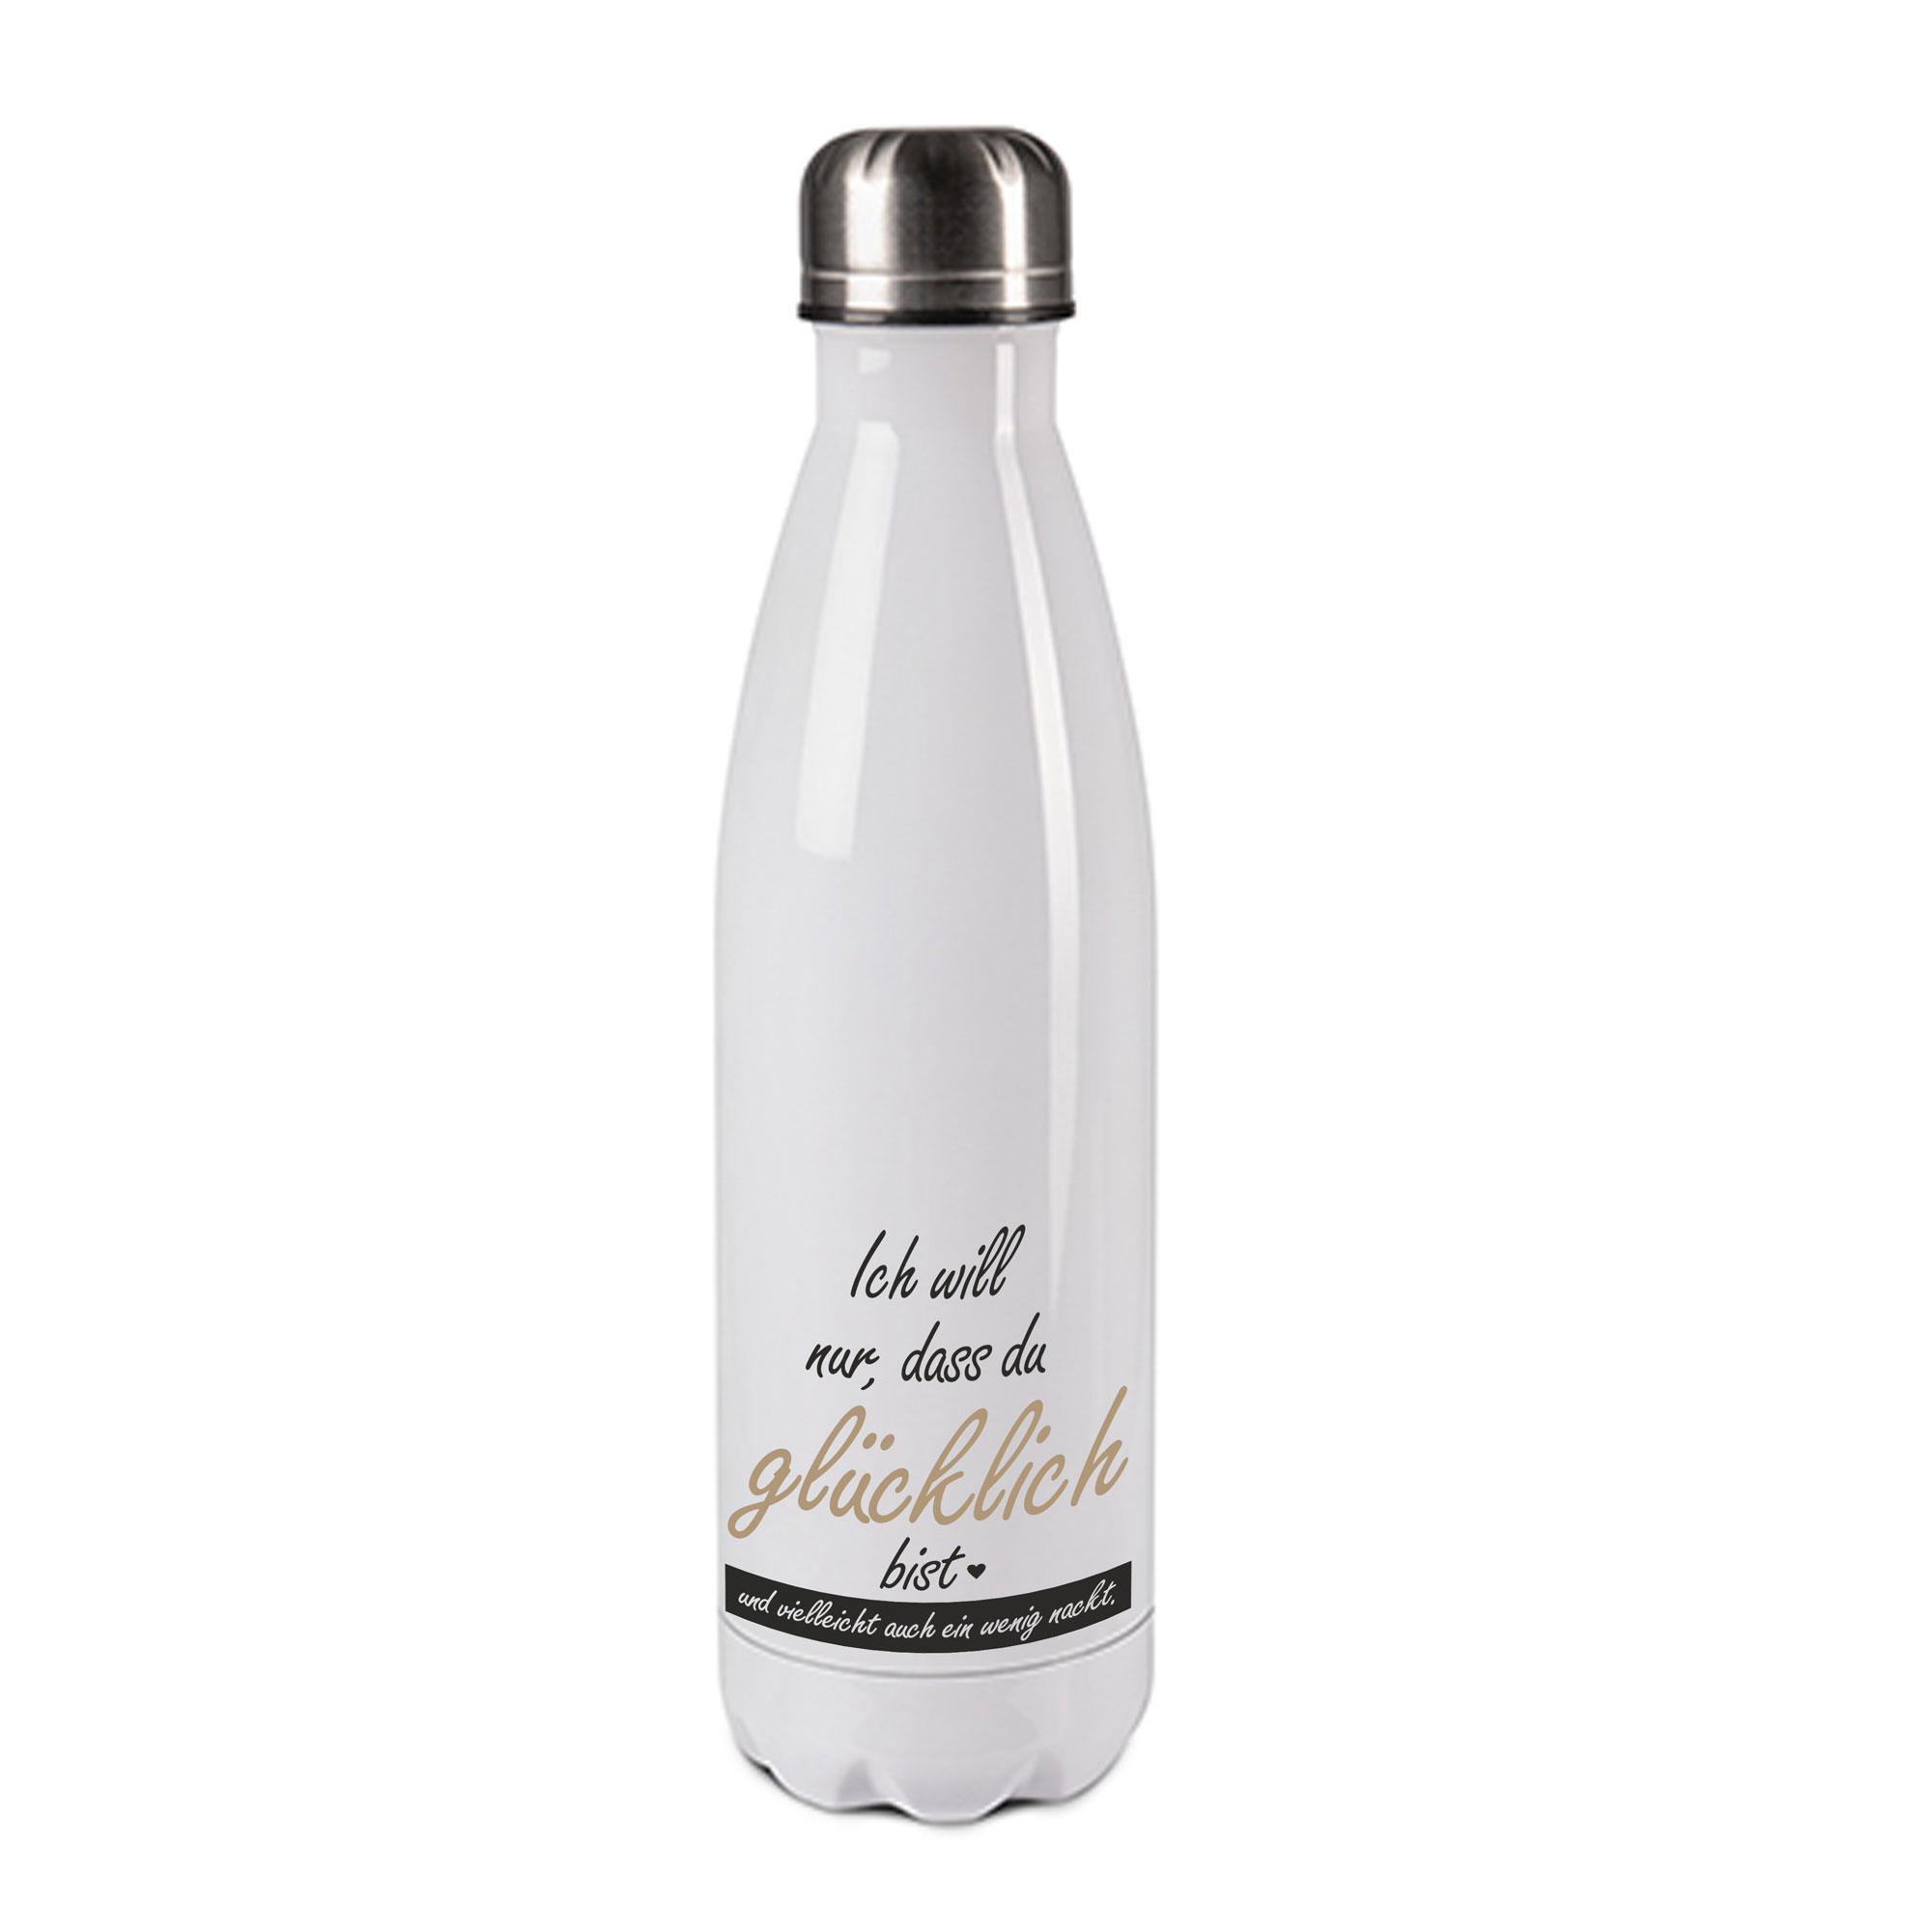 Edelstahl-Thermosflasche weiß/weiß mit Druck: ICH WILL NUR, DAS DU GLÜCKLICH BIST. UND VIELLEICHT AUCH EIN WENIG NACKT